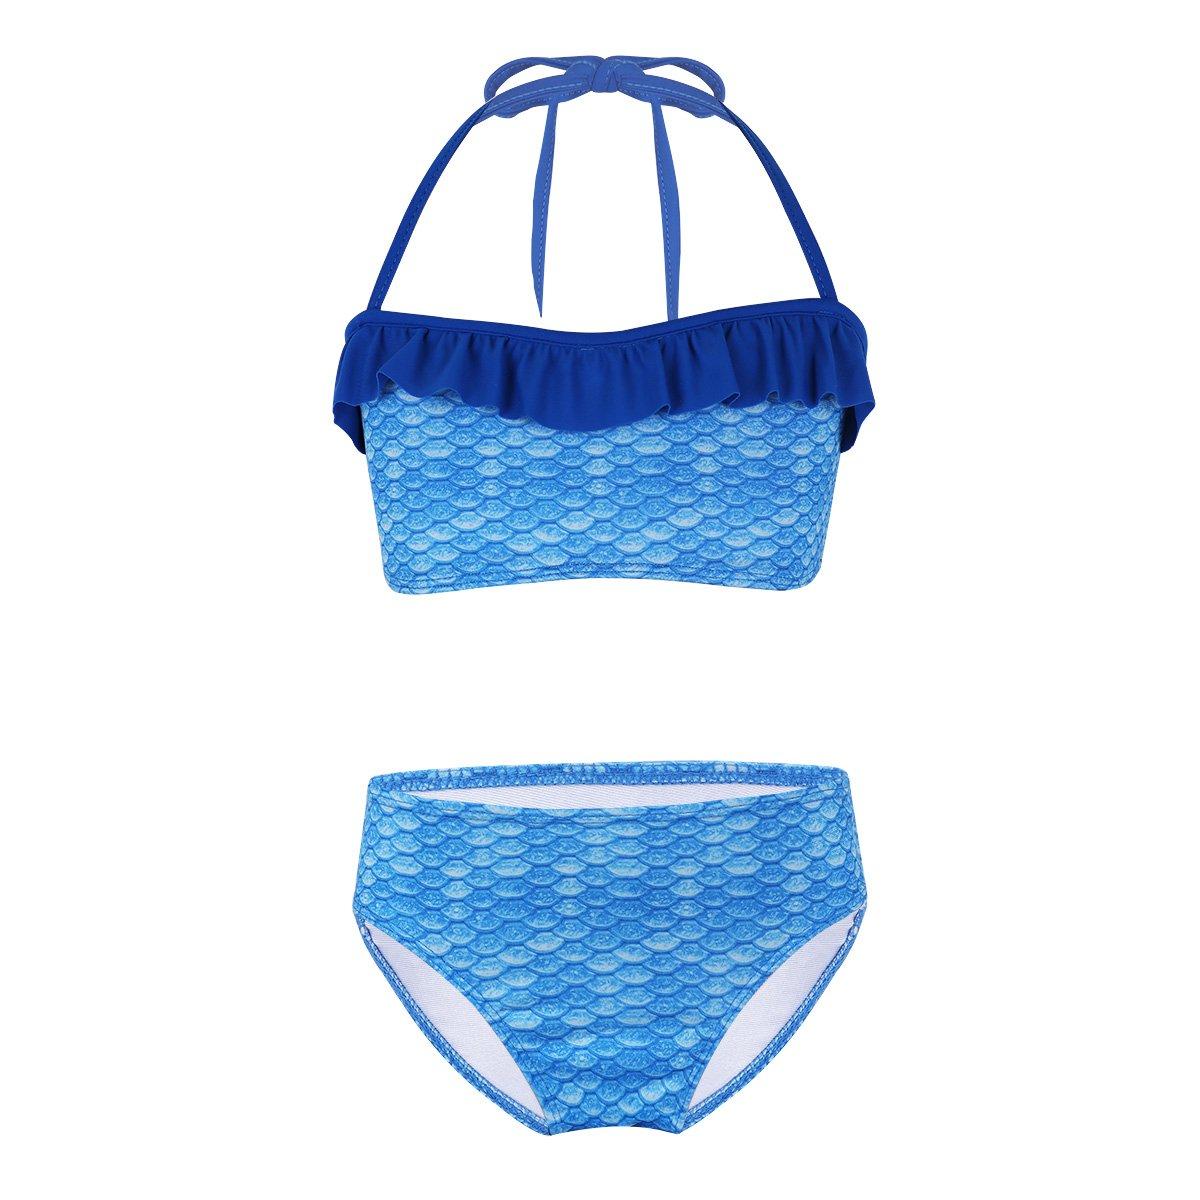 YiZYiF Ragazza Costume da Bagno Bikini Costume a Due Pezzi Costume da Sirena Principessa Volant Stampata Canotteria+Perizoma Completo Estivo Mare Piscina Swimwear Set Swimsuit